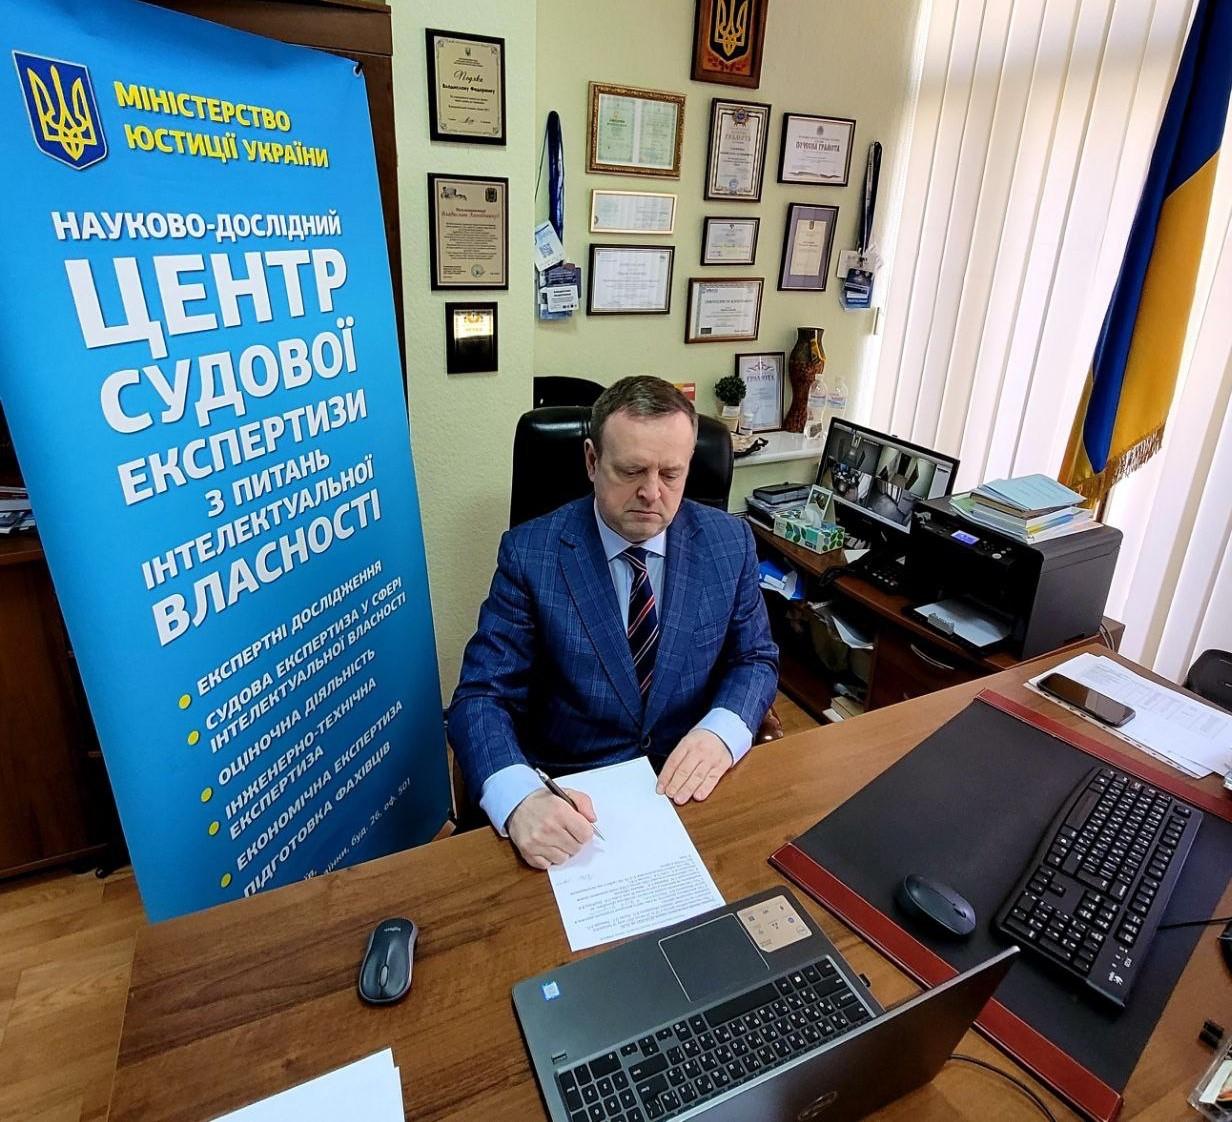 Директор НДЦСЕ з питань інтелектуальної власності взяв участь у Міжнародній конференції «Захист прав людини під час пандемічних викликів» (Варшава, Польща)